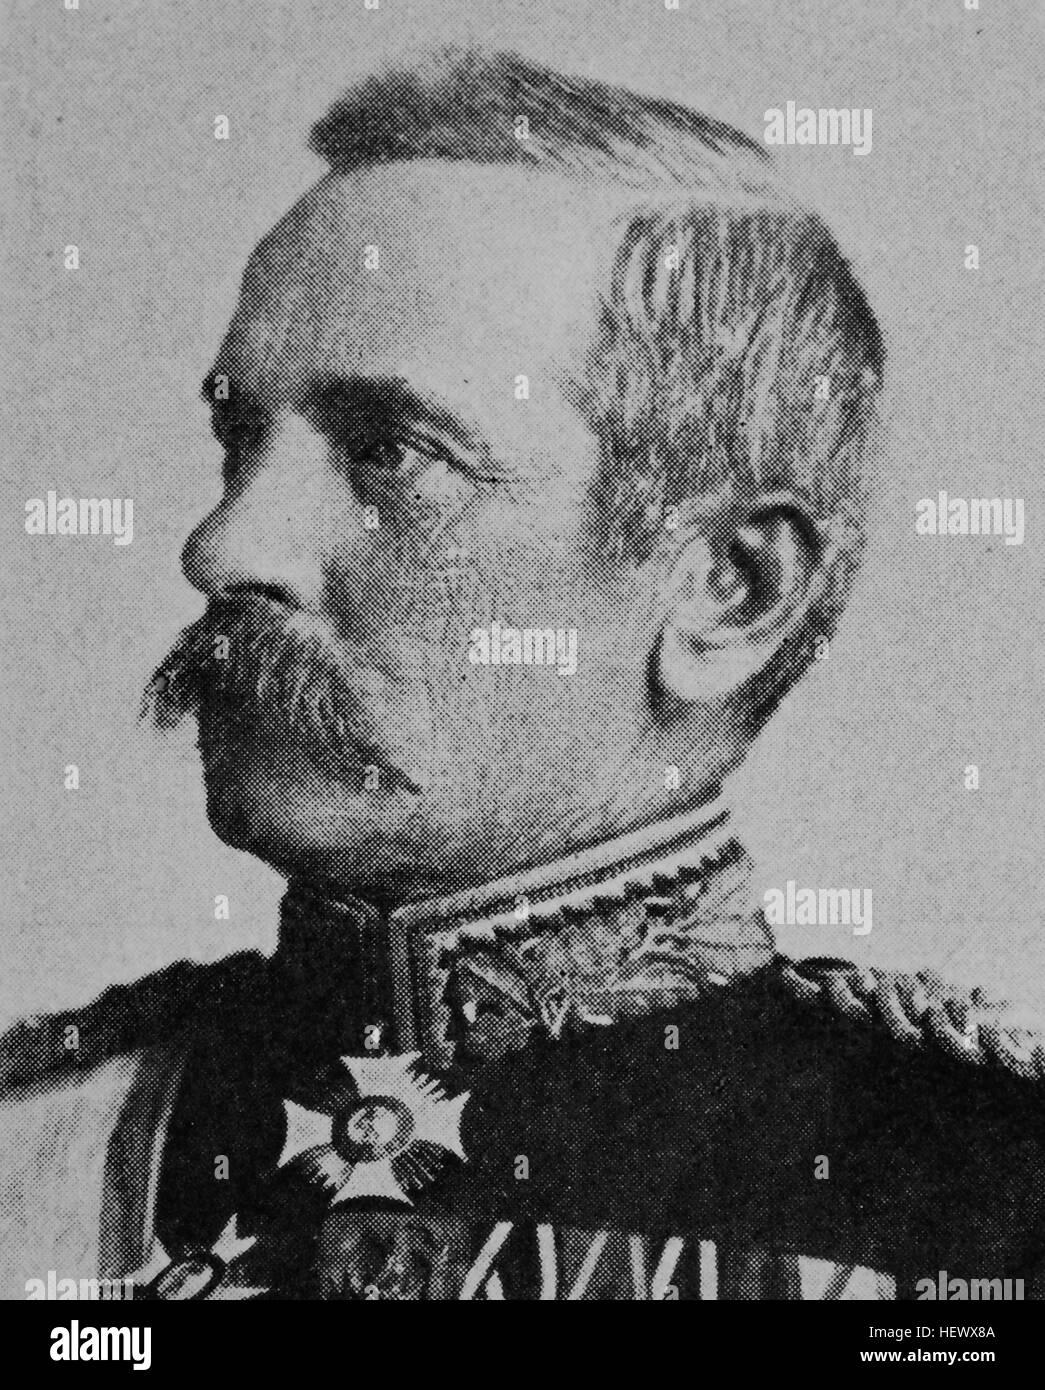 Maximilian Freiherr Schott von Schottenstein, 1836 - 1917, wuerttembergischer General der Infanterie, Kriegsminister, Stock Photo